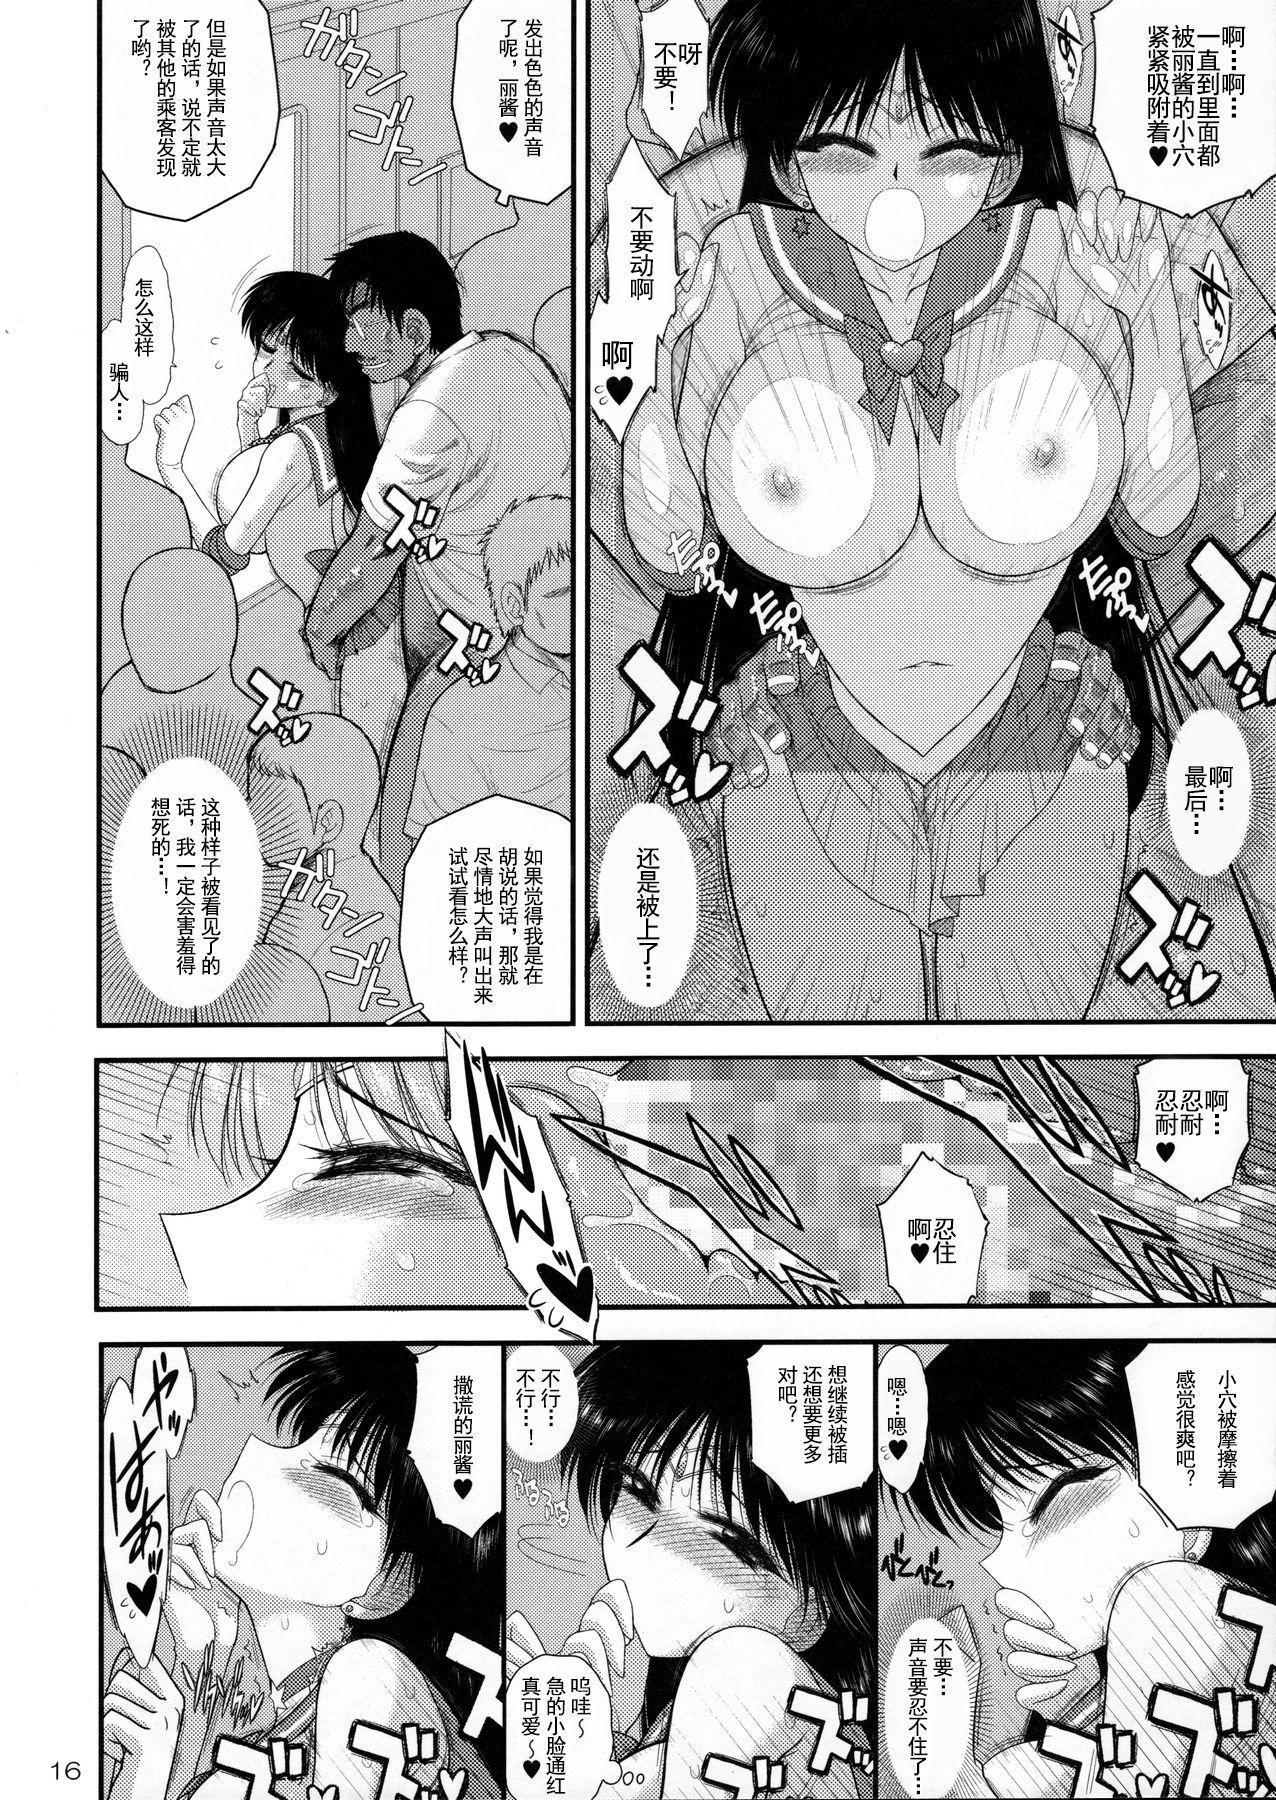 Pregnant Rei Hino 15